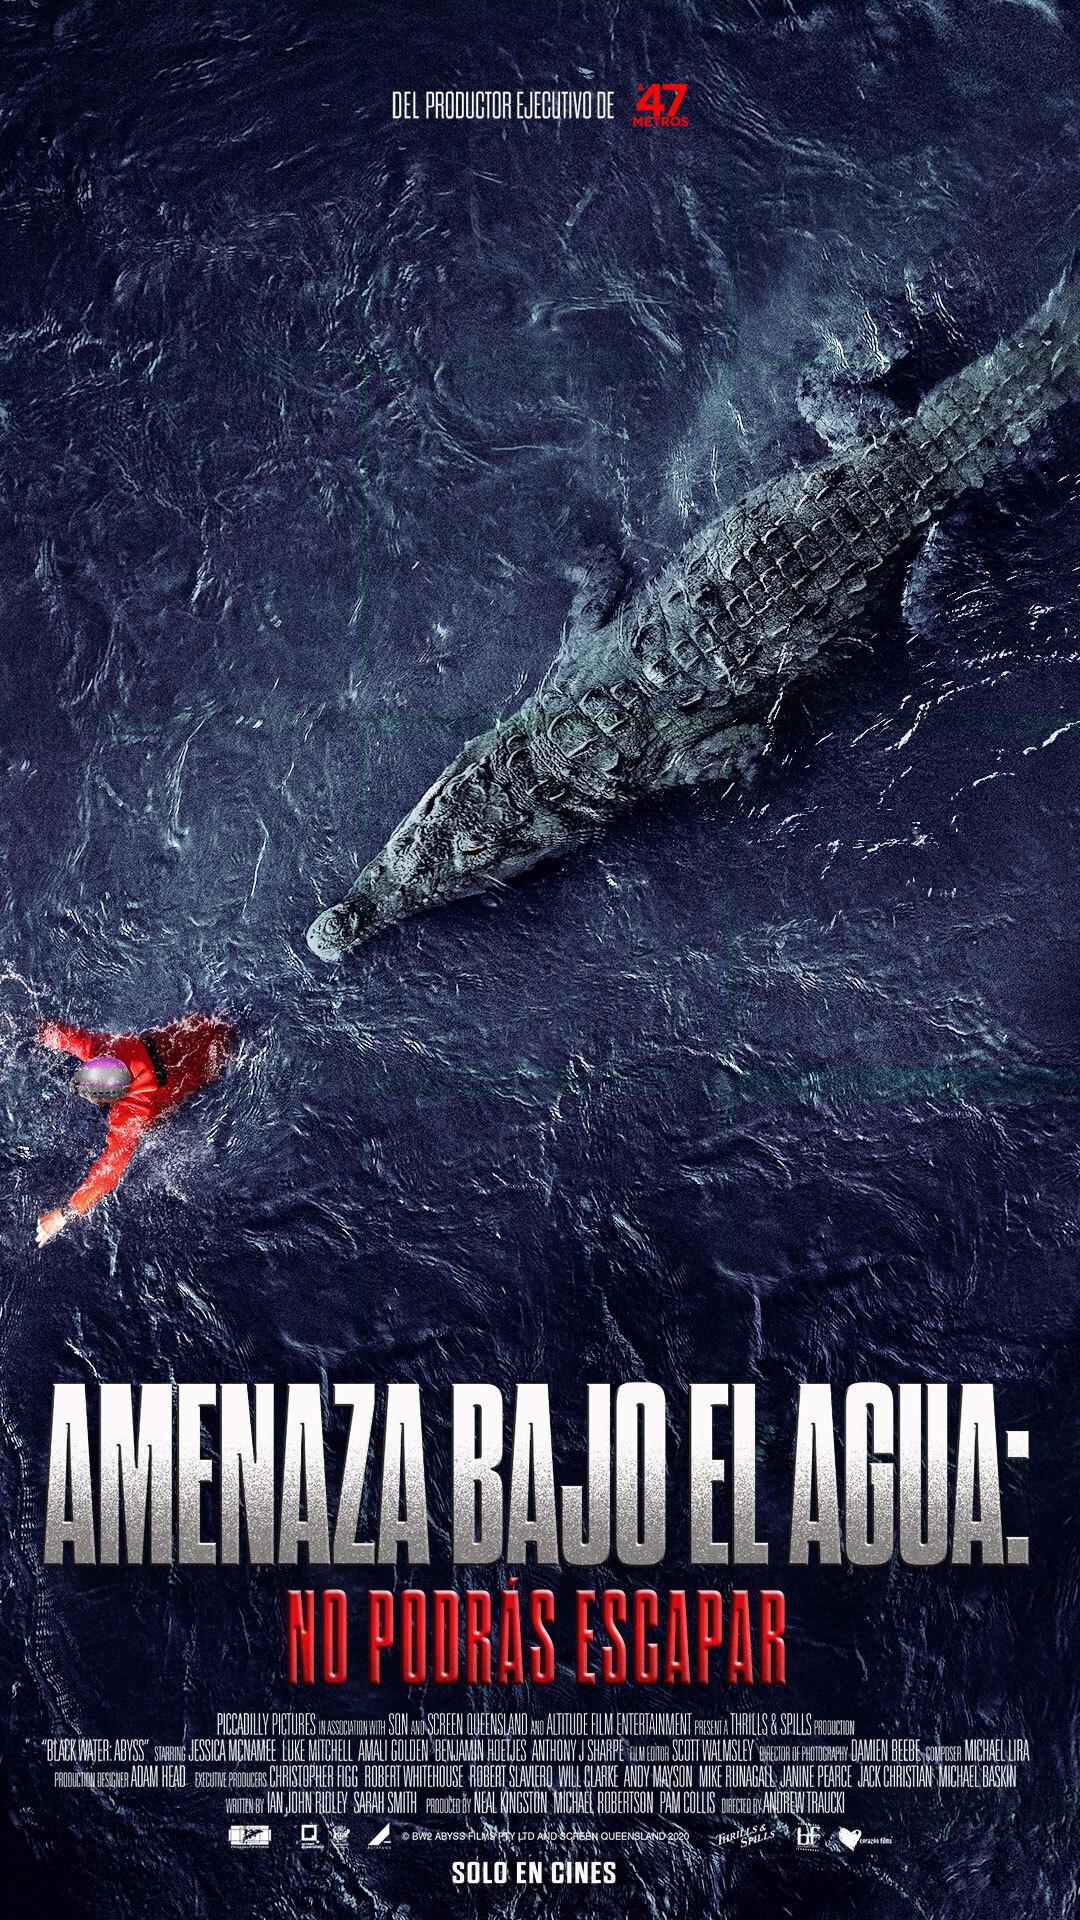 Amenaza Bajo El Agua: No Podrás Escapar